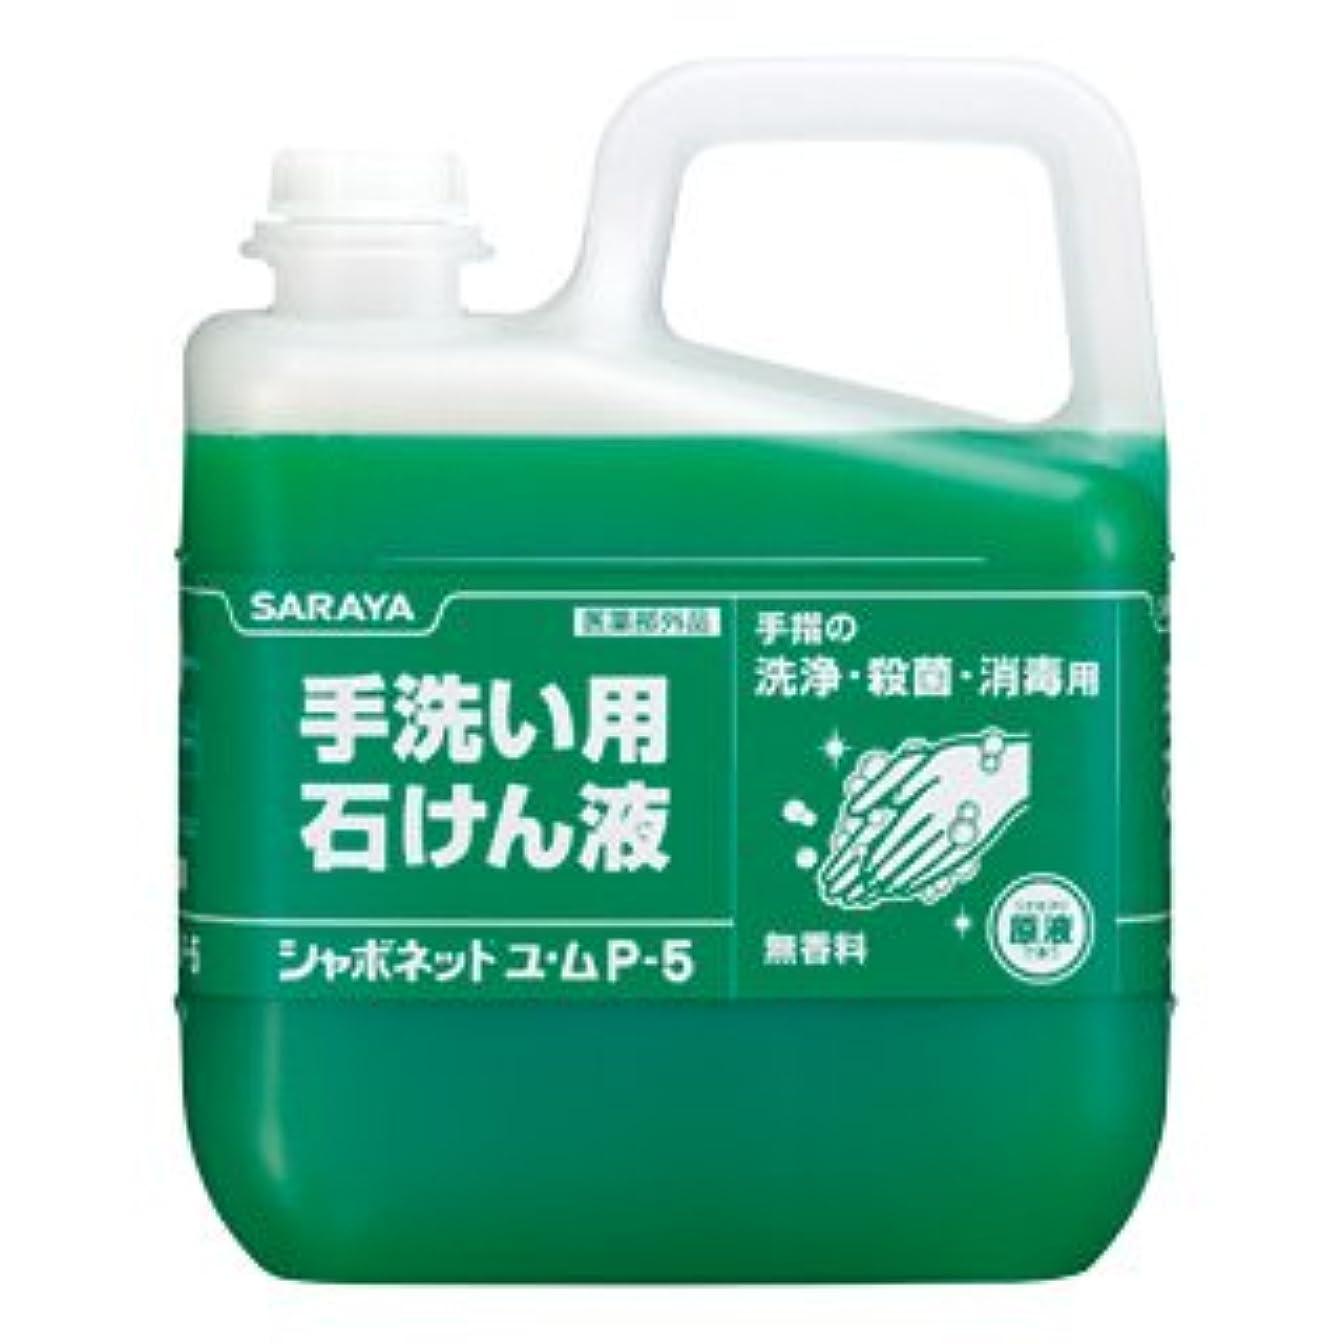 想像力騒々しい休眠サラヤ業務用 手洗い用石鹸液 シャボネットユ?ムP−5 5kg×3本入 まとめ買い 殺菌と消毒 泡?液どちらもOK PPTR制度対応品 saraya